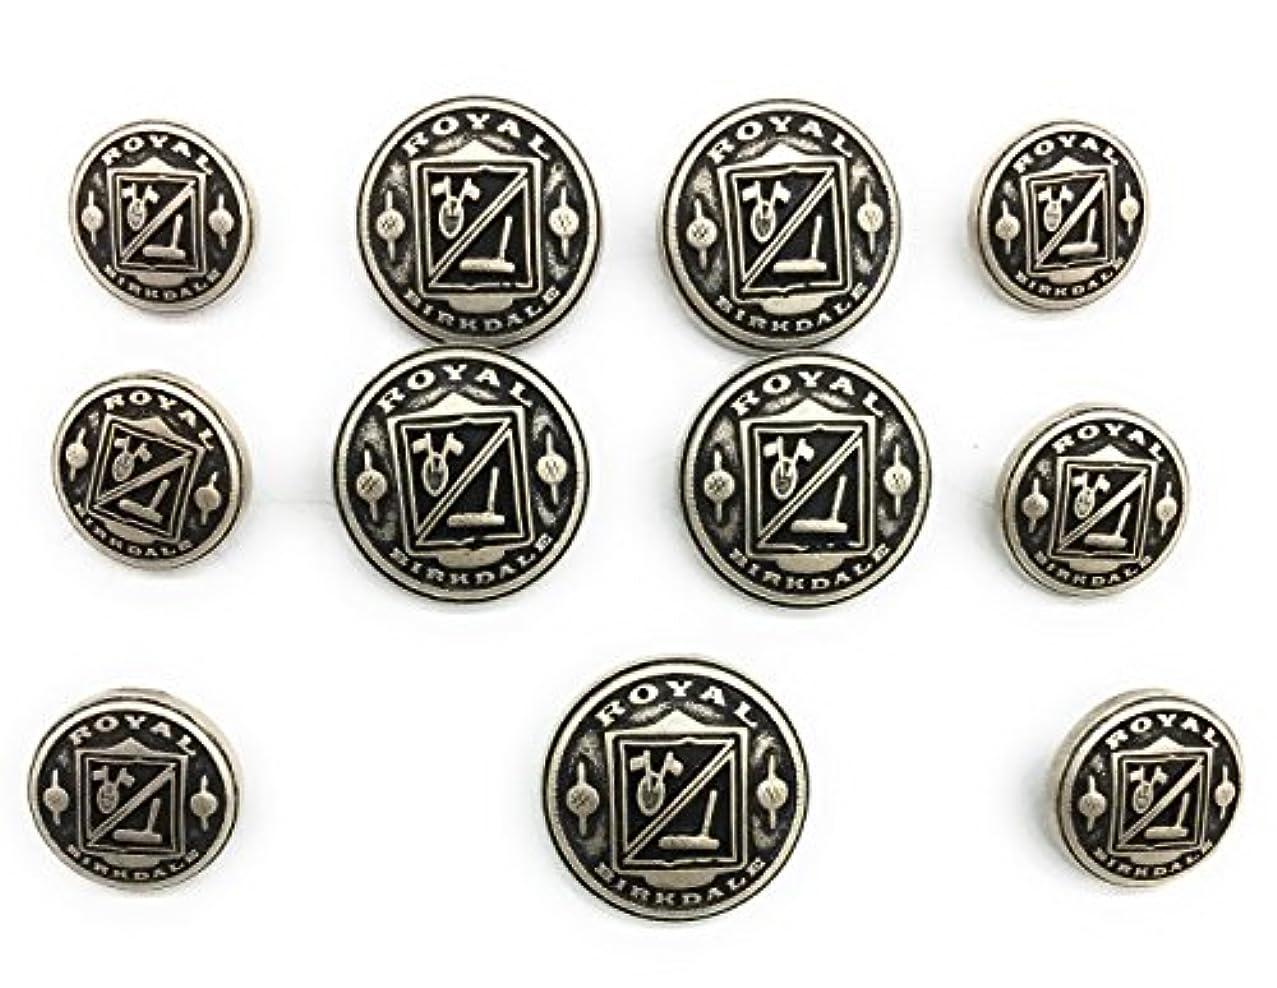 11 Antique Matte Silver Crest Metal Silver Buttons Sets for Suit & Blazers